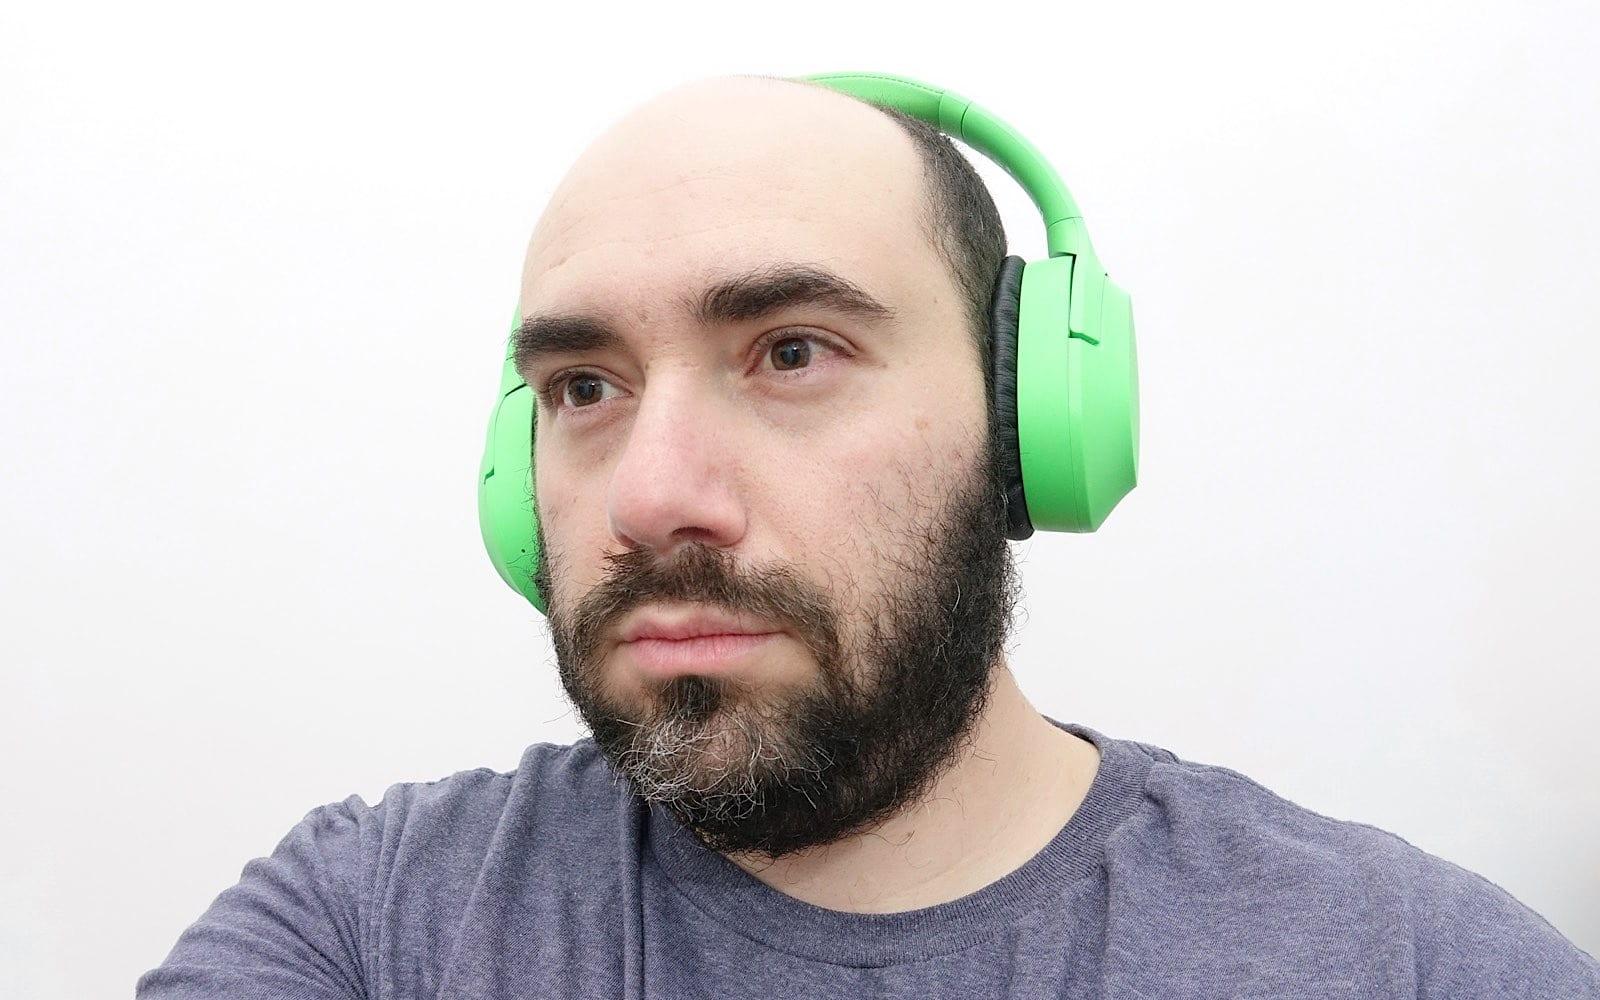 https://www.pickr.com.au/reviews/2021/razer-opus-x-wireless-anc-headphones/